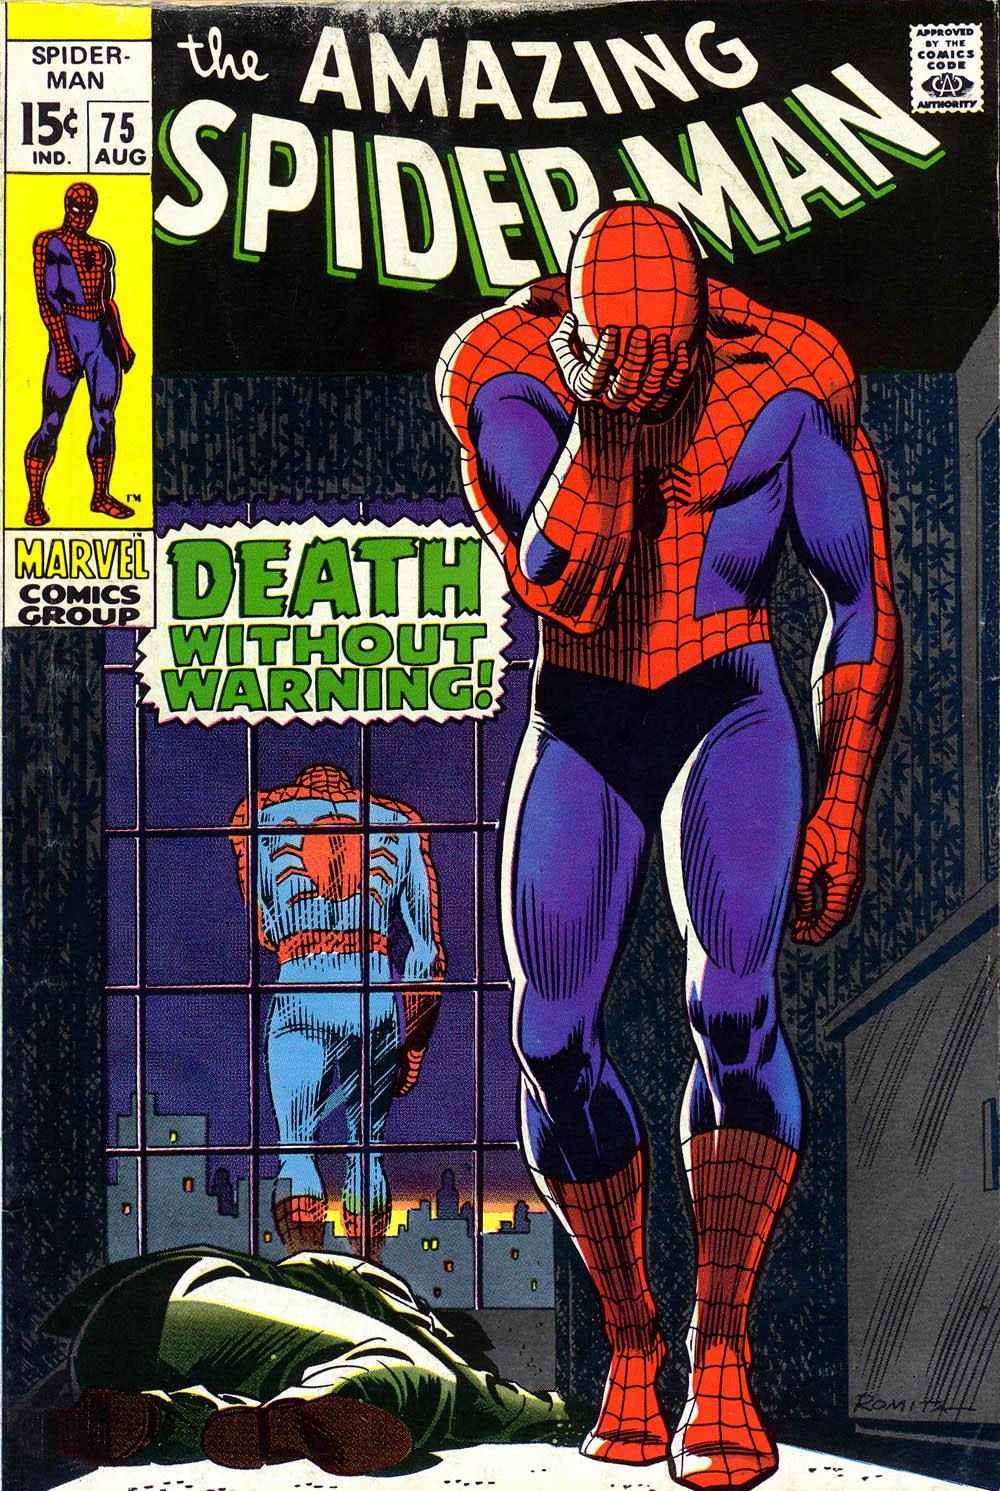 Una vida de historietas portadas de spiderman por john romita - Marvel spiderman comics pdf ...